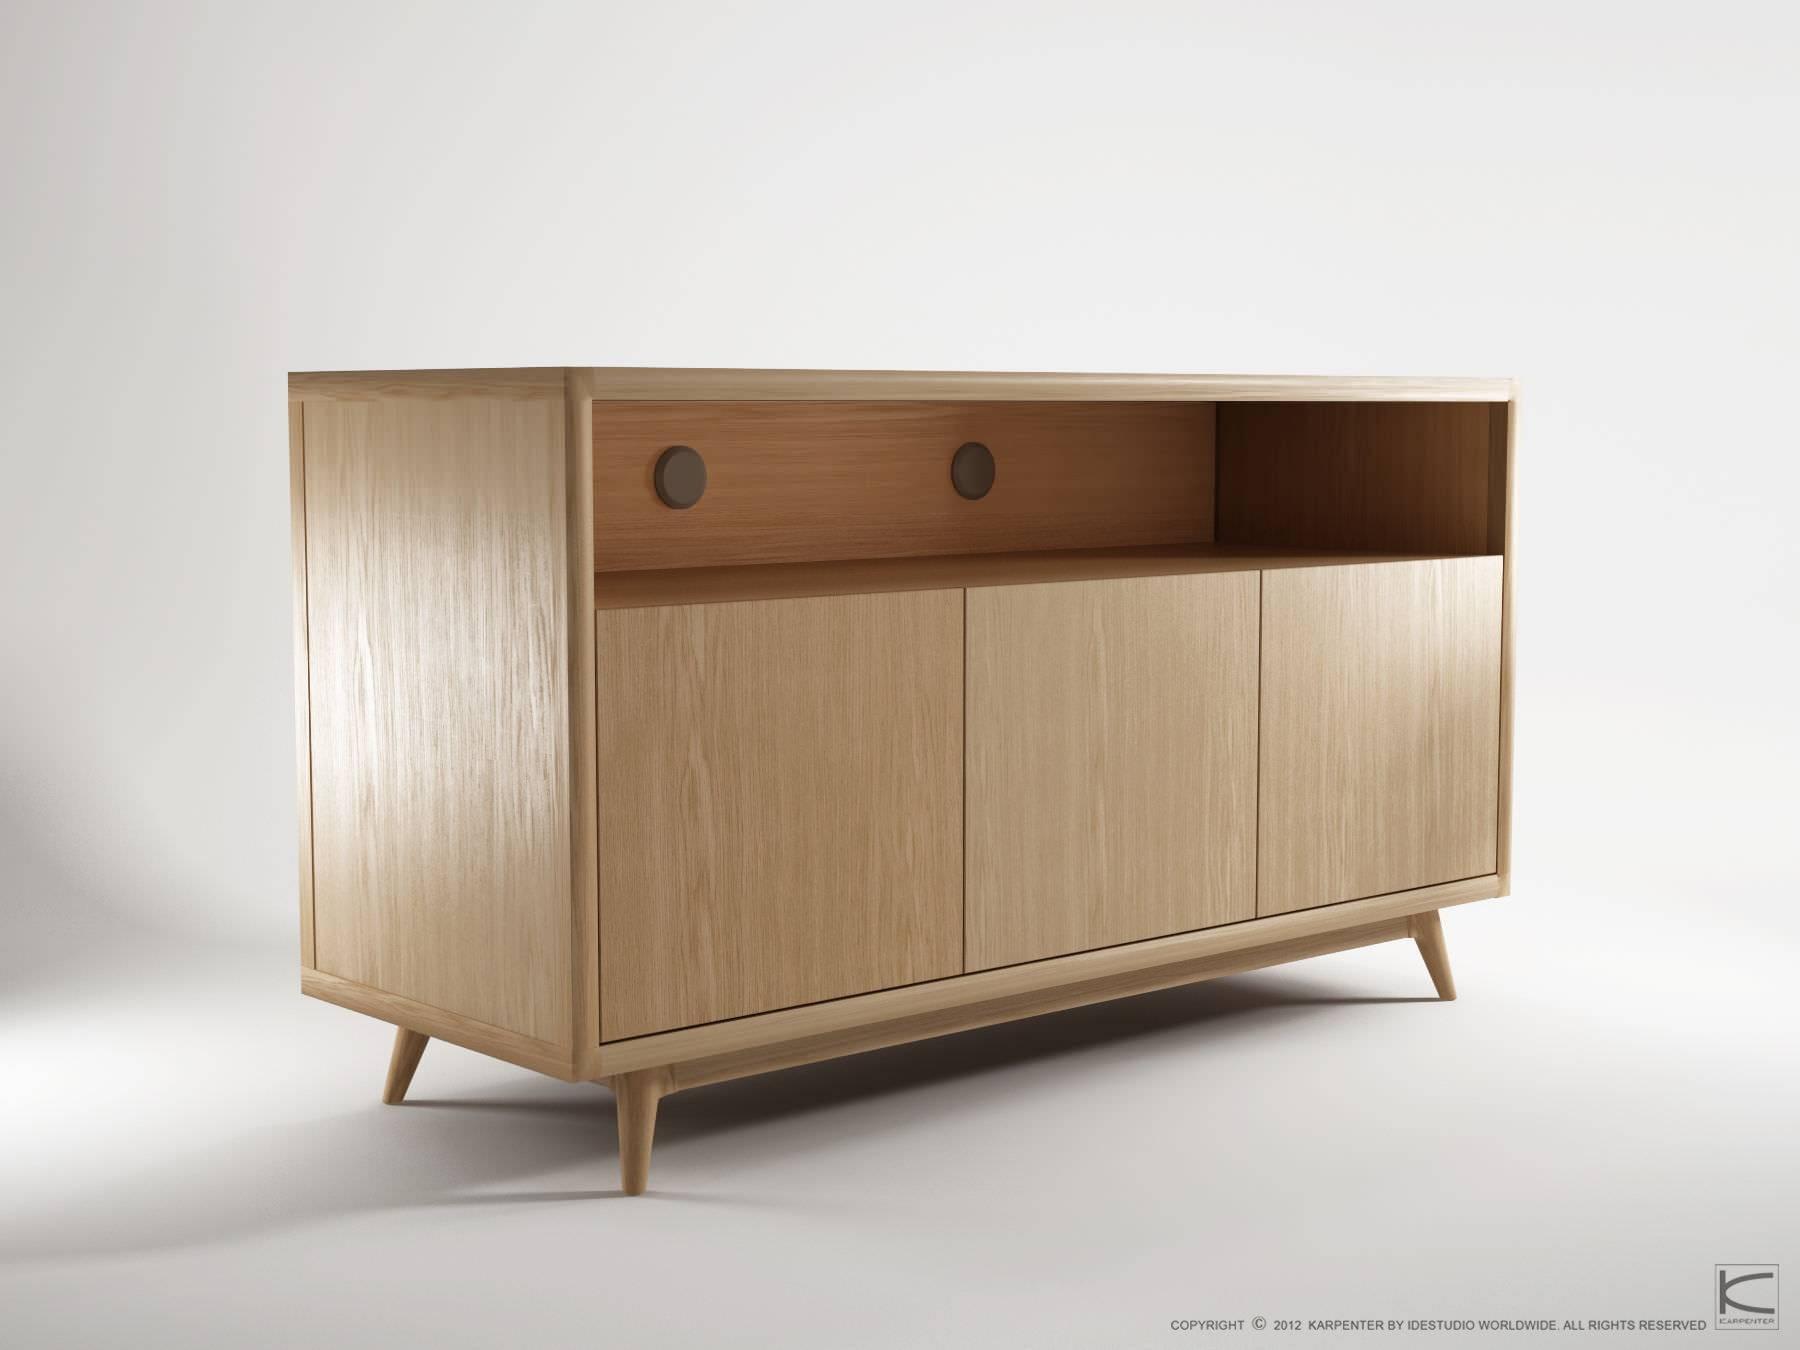 Contemporary Sideboard / Oak / Walnut / Teak – Vi20 – Karpenter Intended For Contemporary Oak Sideboards (View 2 of 15)